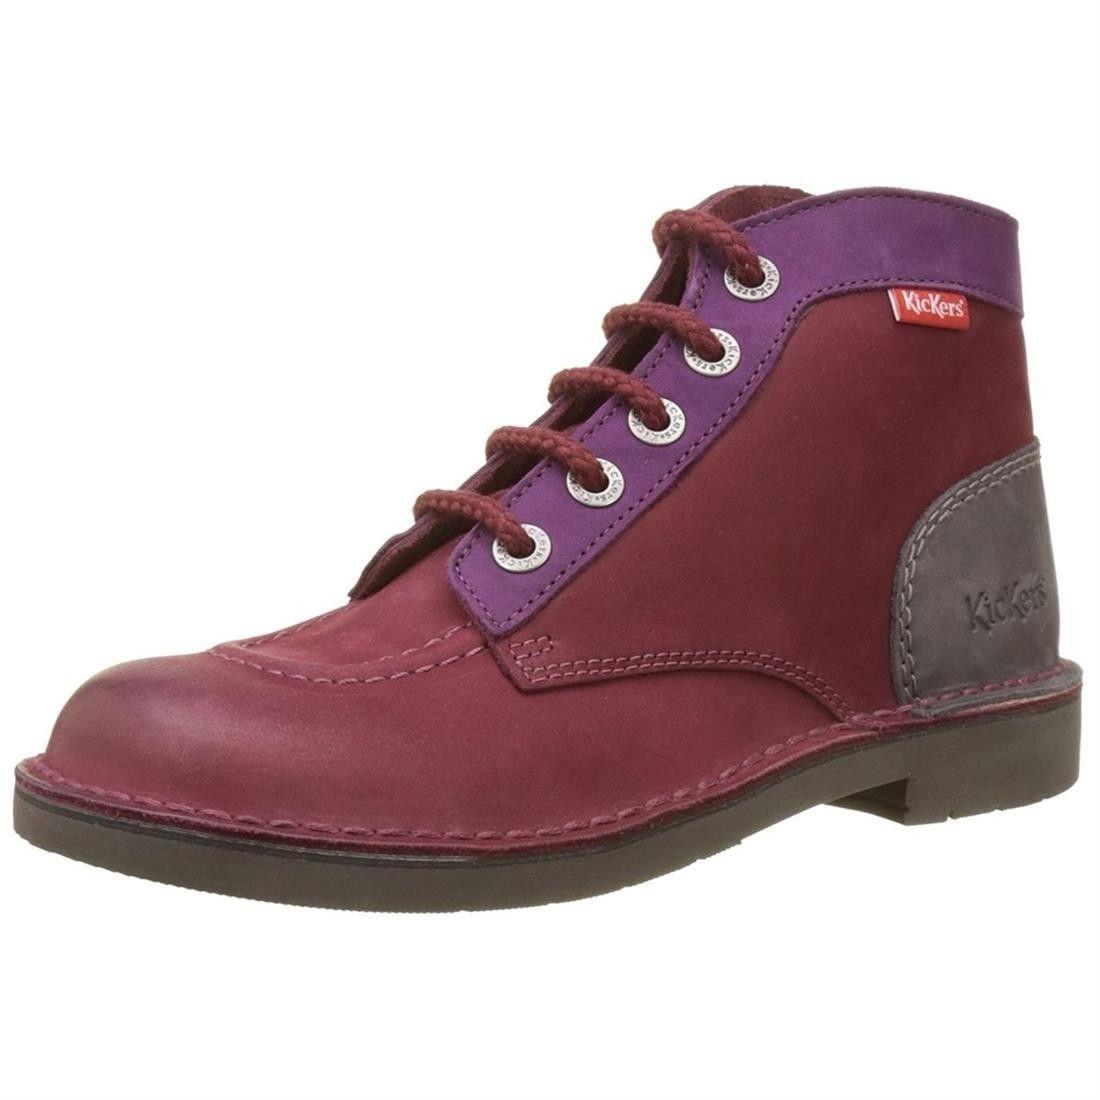 Chaussures Trezeta Urbaines homme  6.5 B US Z6ABFxDrh